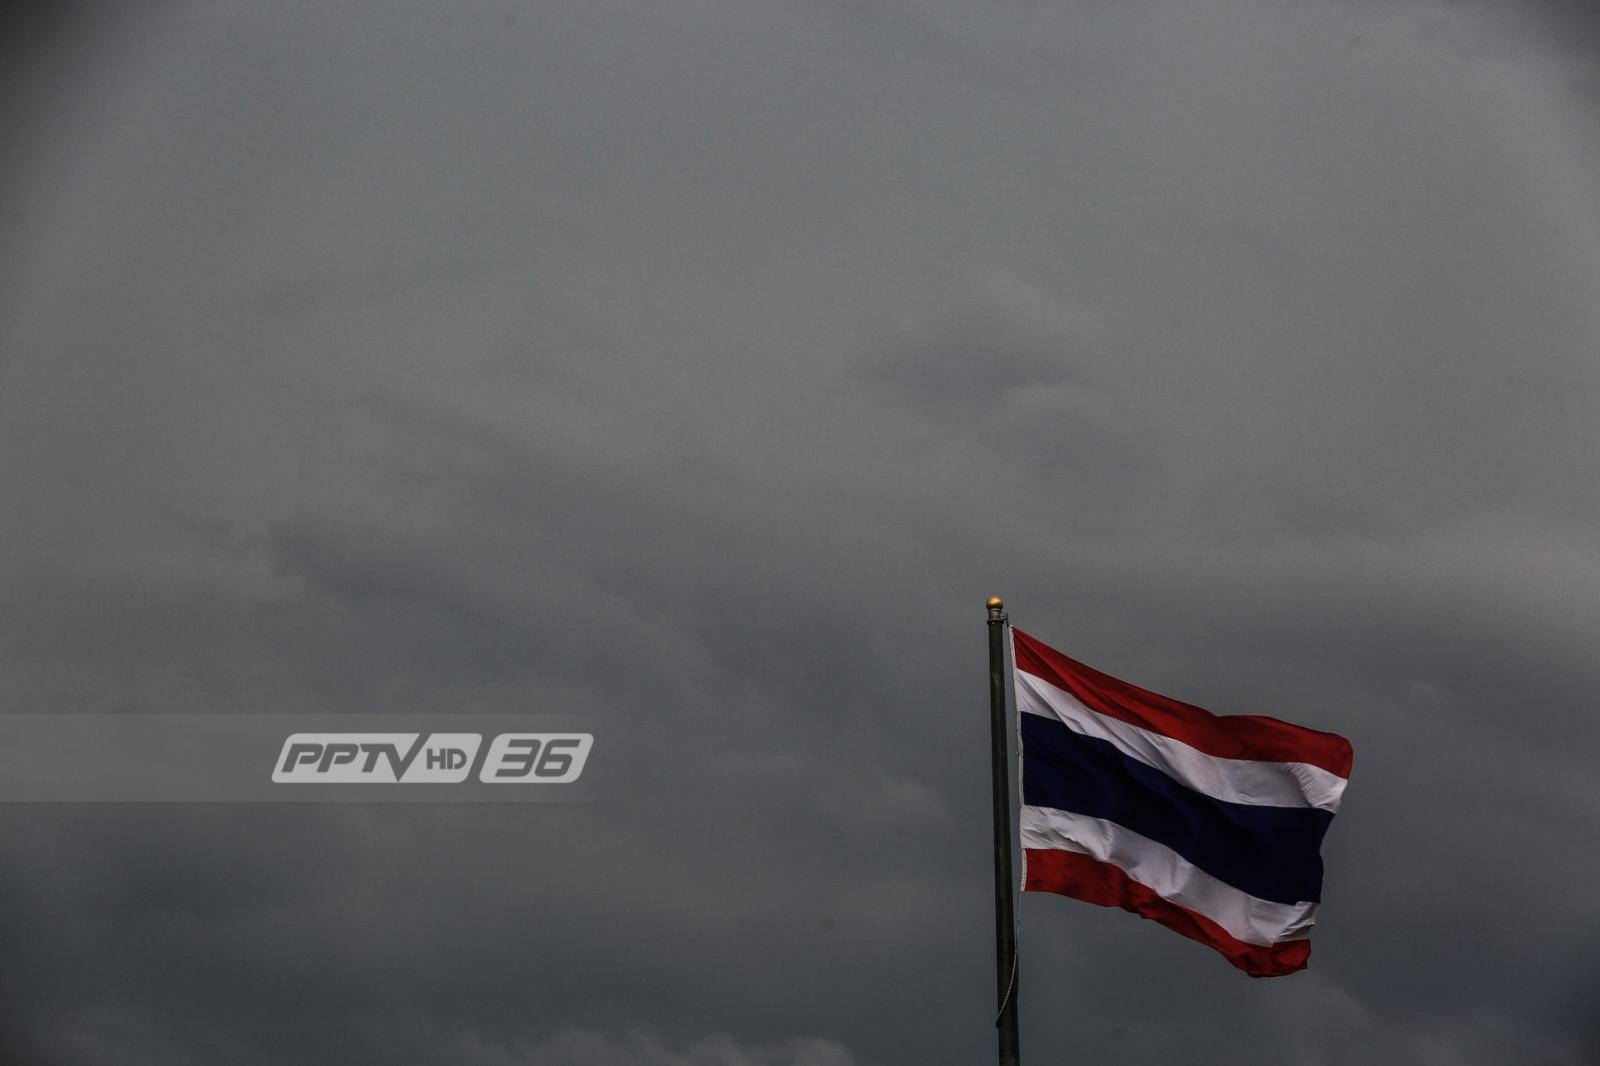 จับตาพายุดีเปรสชันซัดถล่มไทย 1-2 ส.ค.